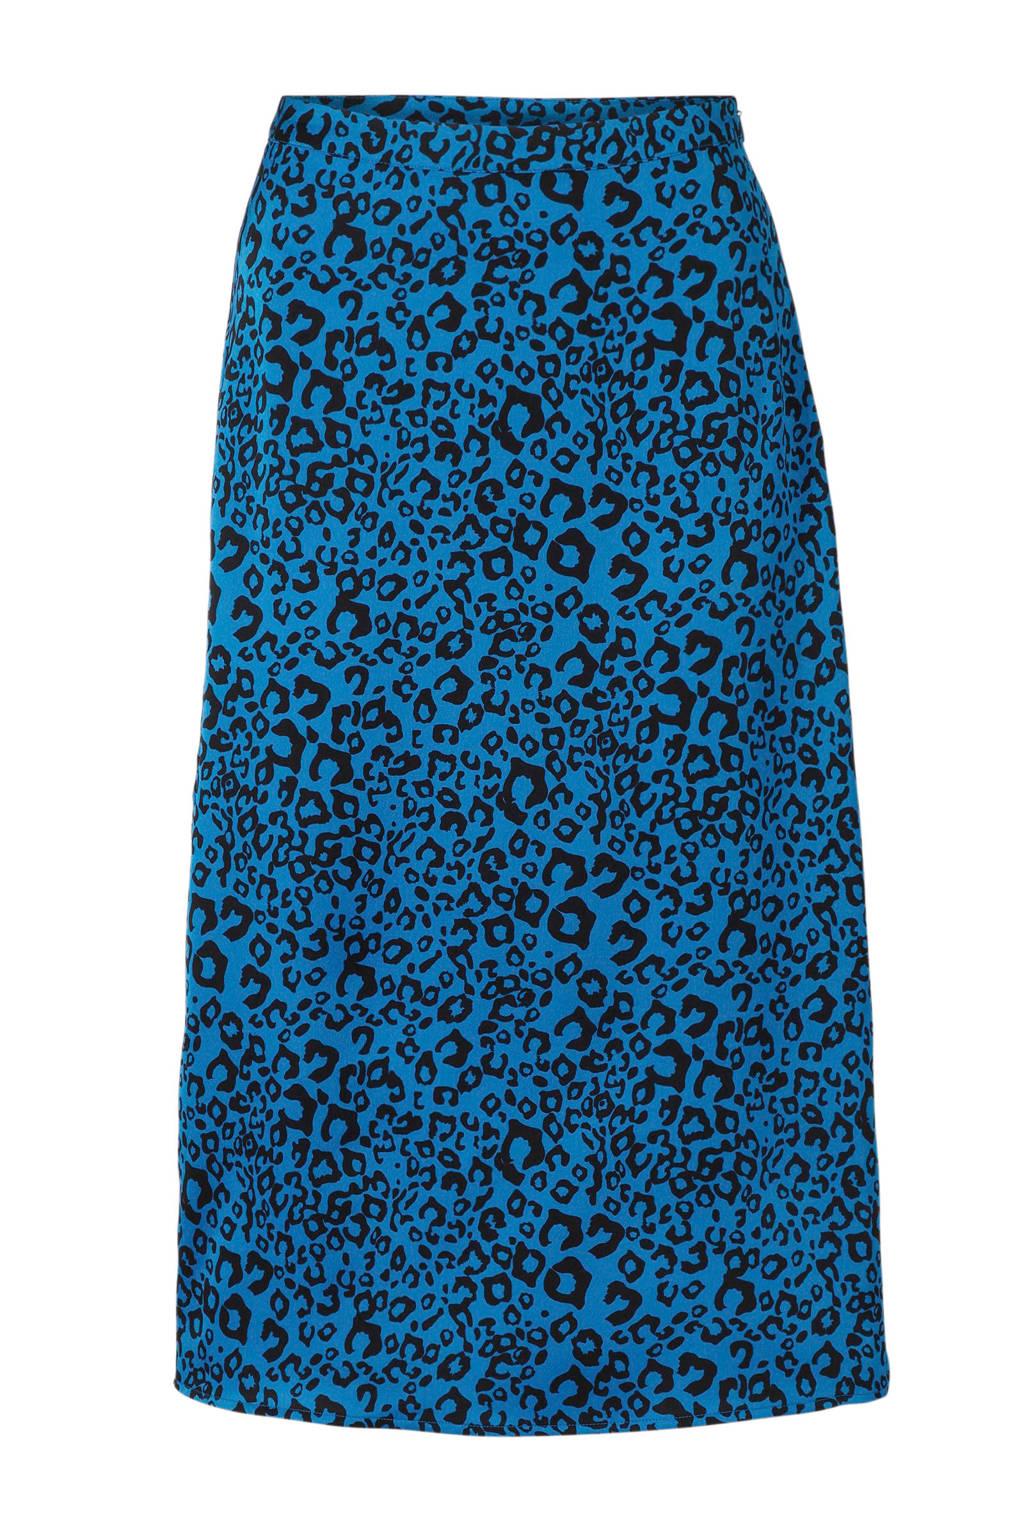 VILA rok met panterprint blauw, Blauw